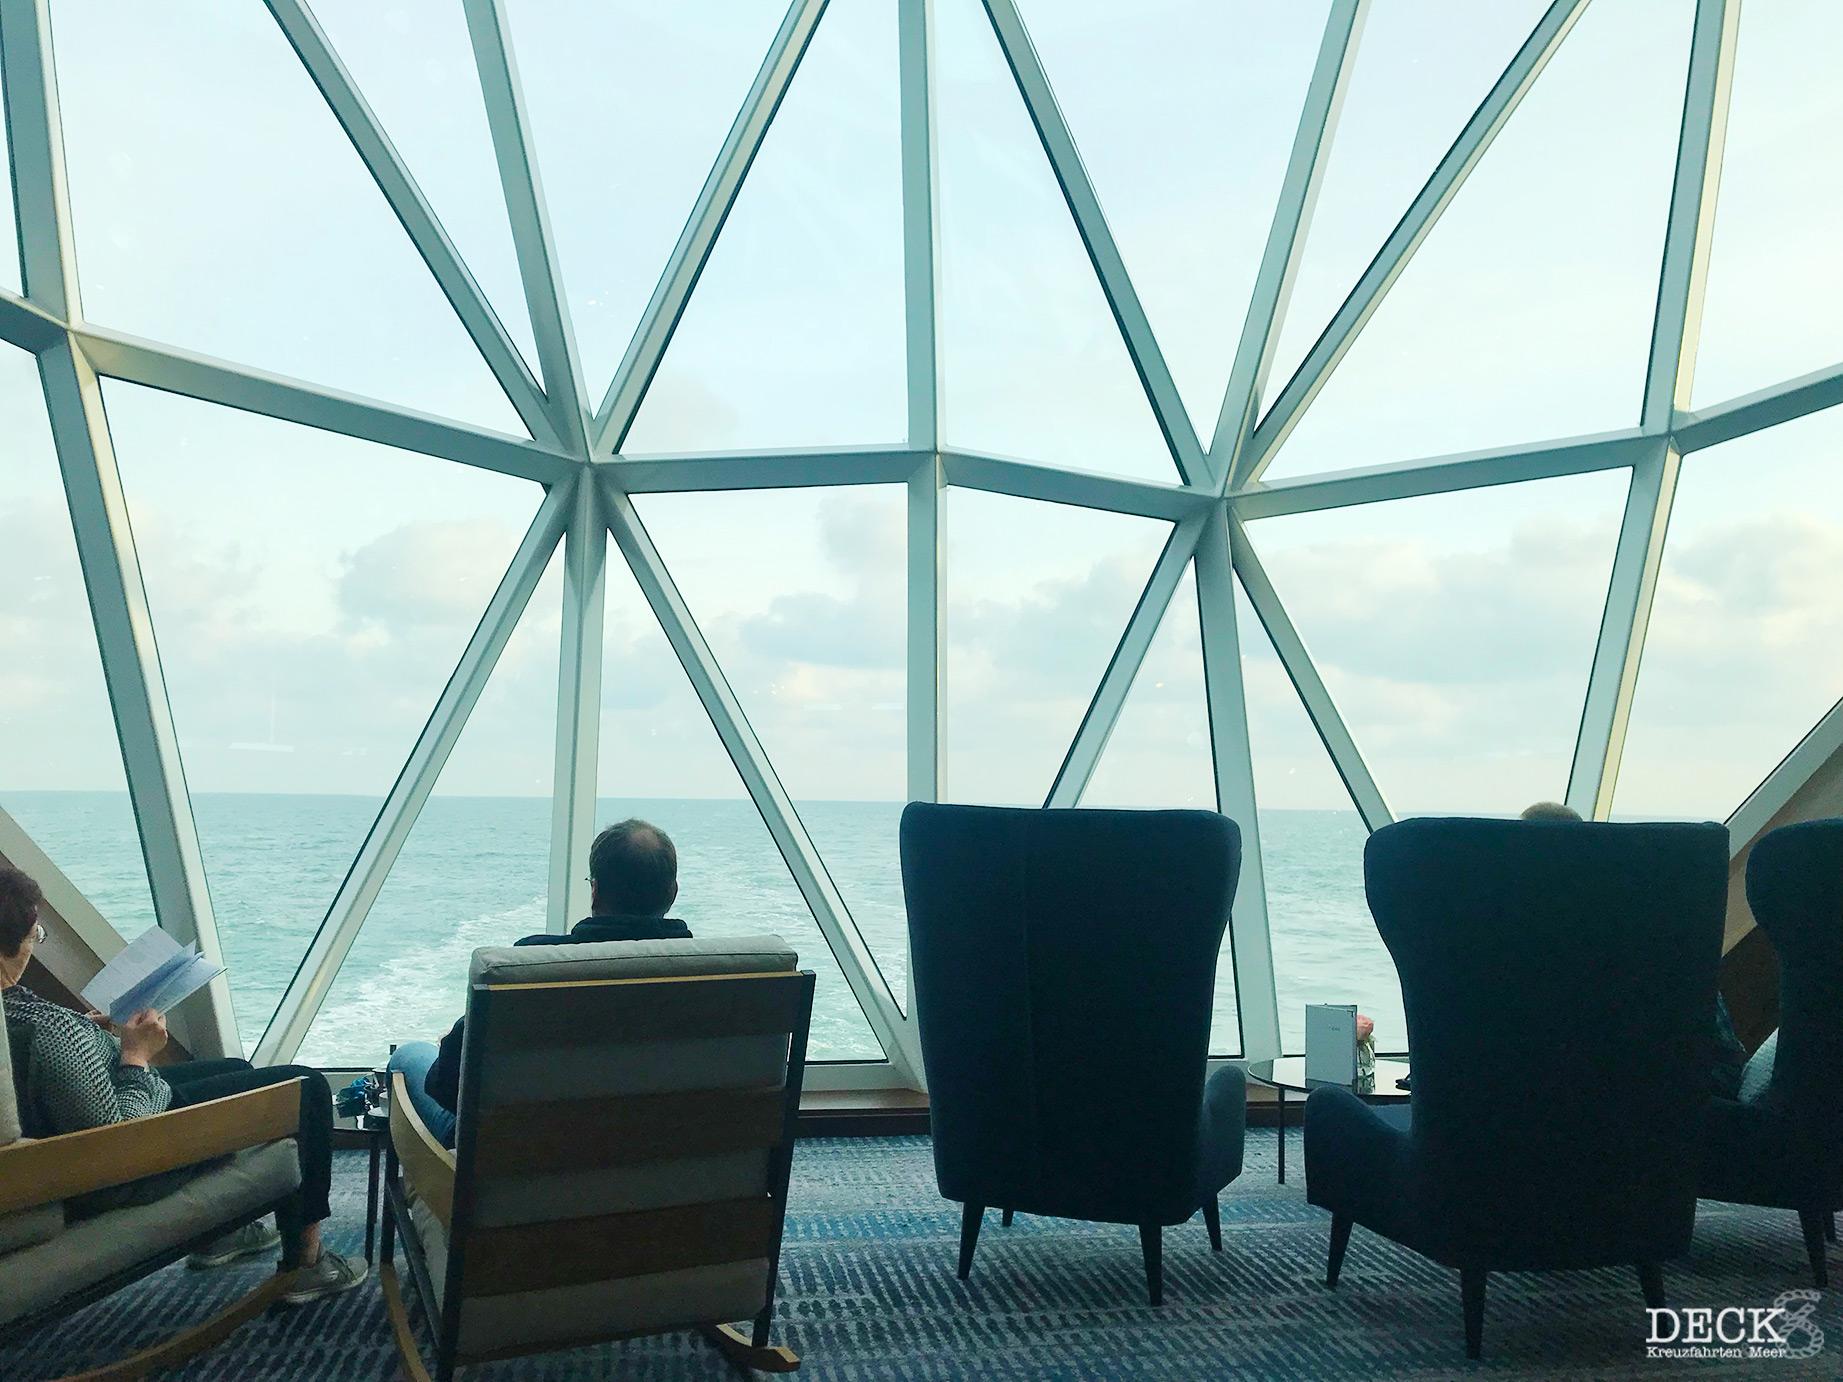 Vorfreudefahrt mit der Mein Schiff 2 | Reisebericht Teil 2: Seetag